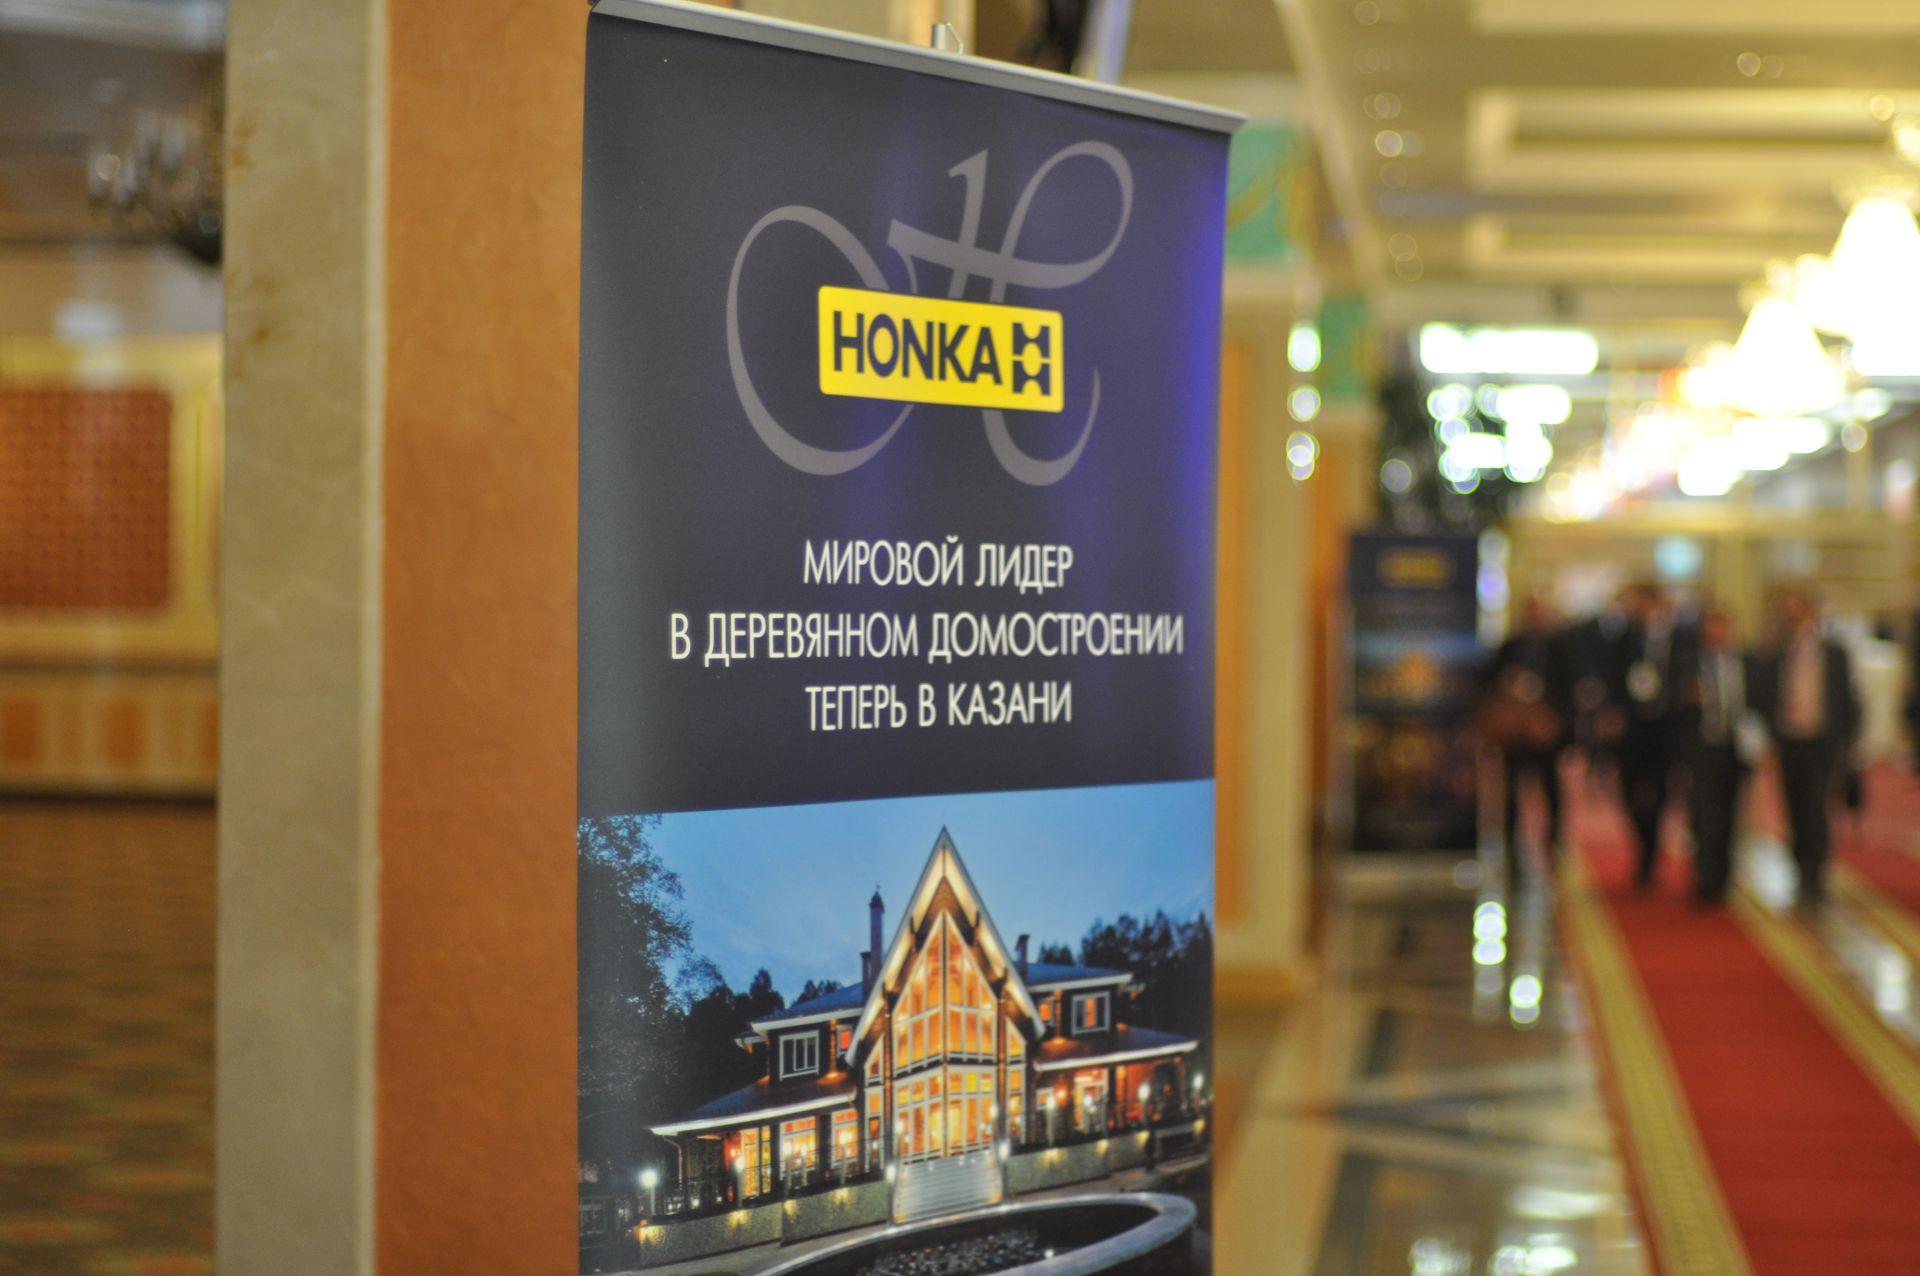 КОМПАНИЯ HONKA ПРИНЯЛА УЧАСТИЕ В БИЗНЕС-ФОРУМЕ В КАЗАНИ